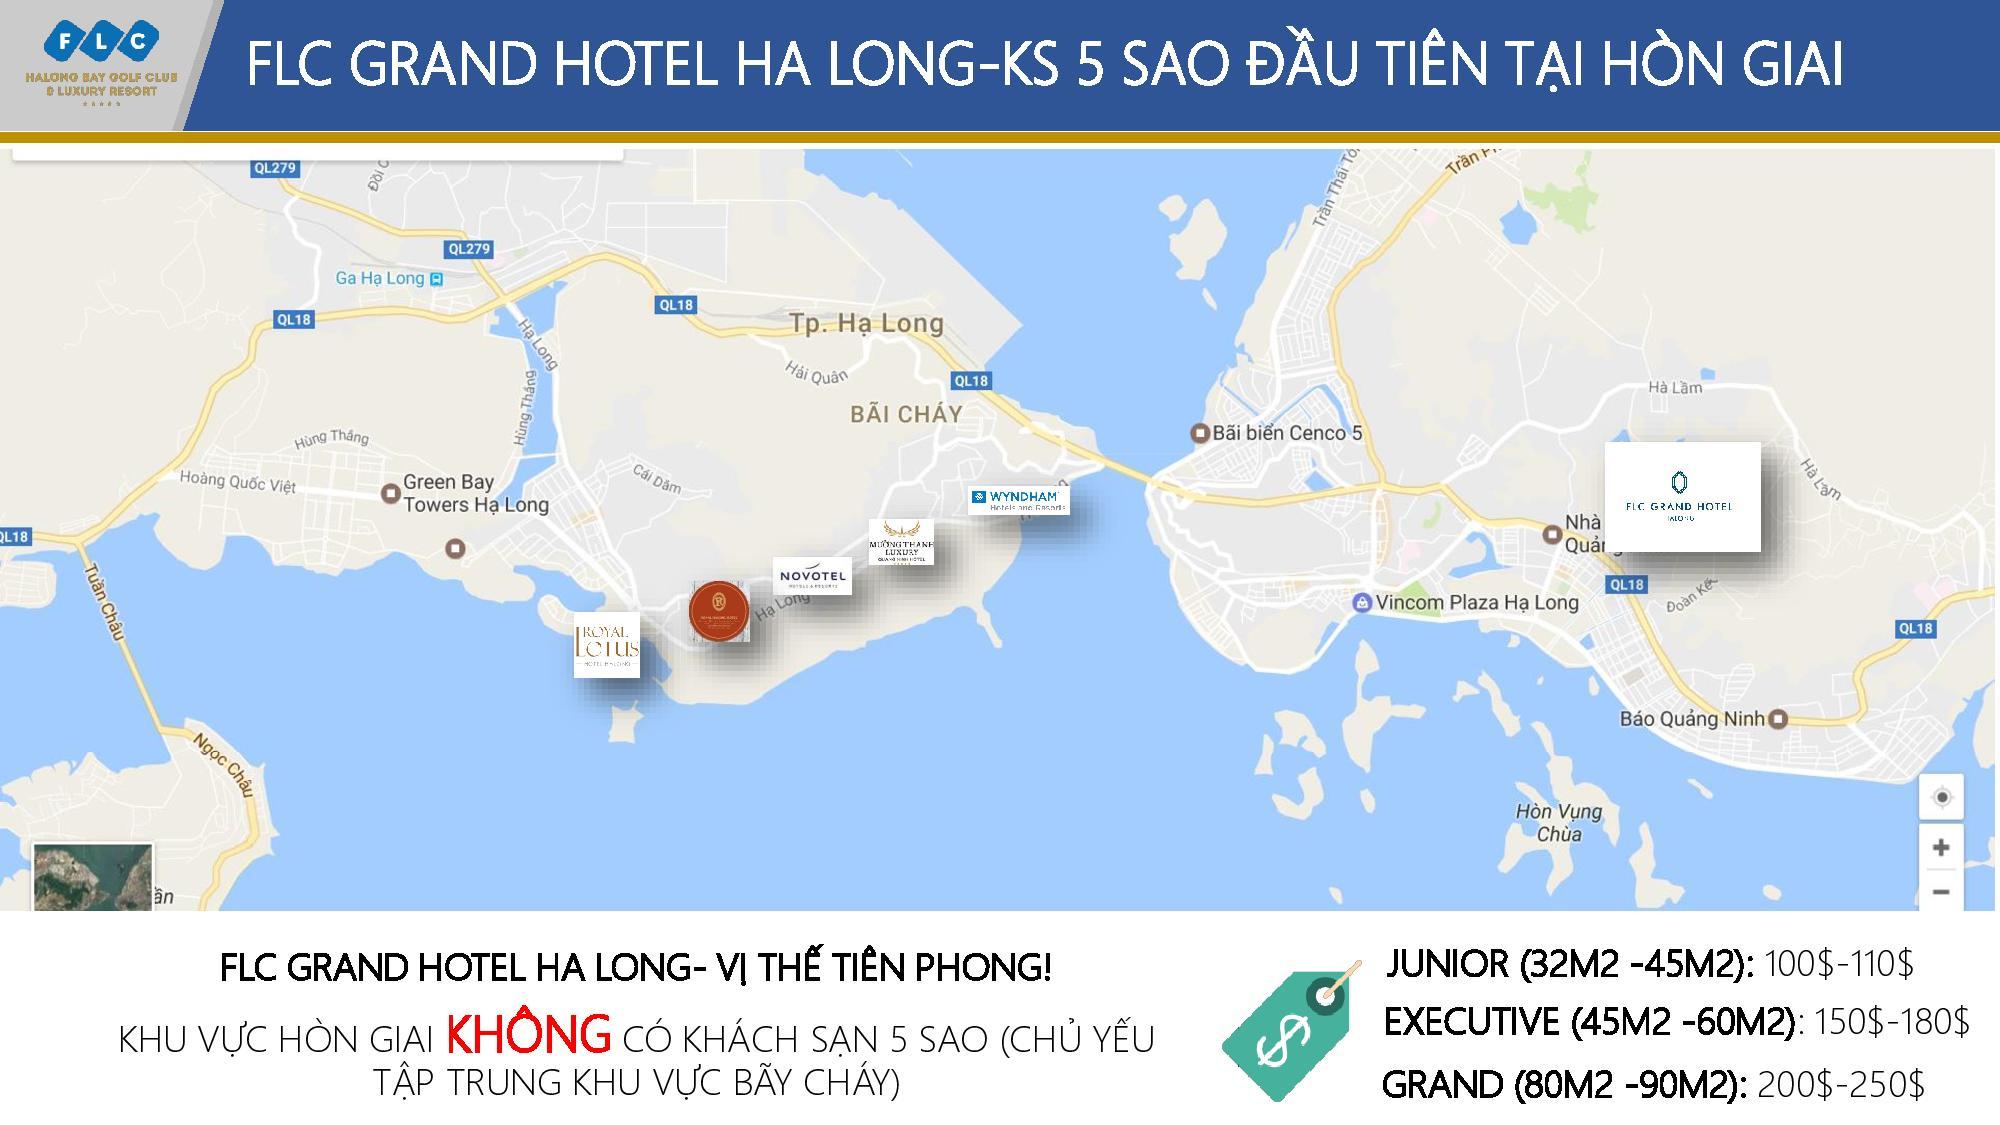 Khách sạn 5 sao đầu tiên tại Hòn Gai